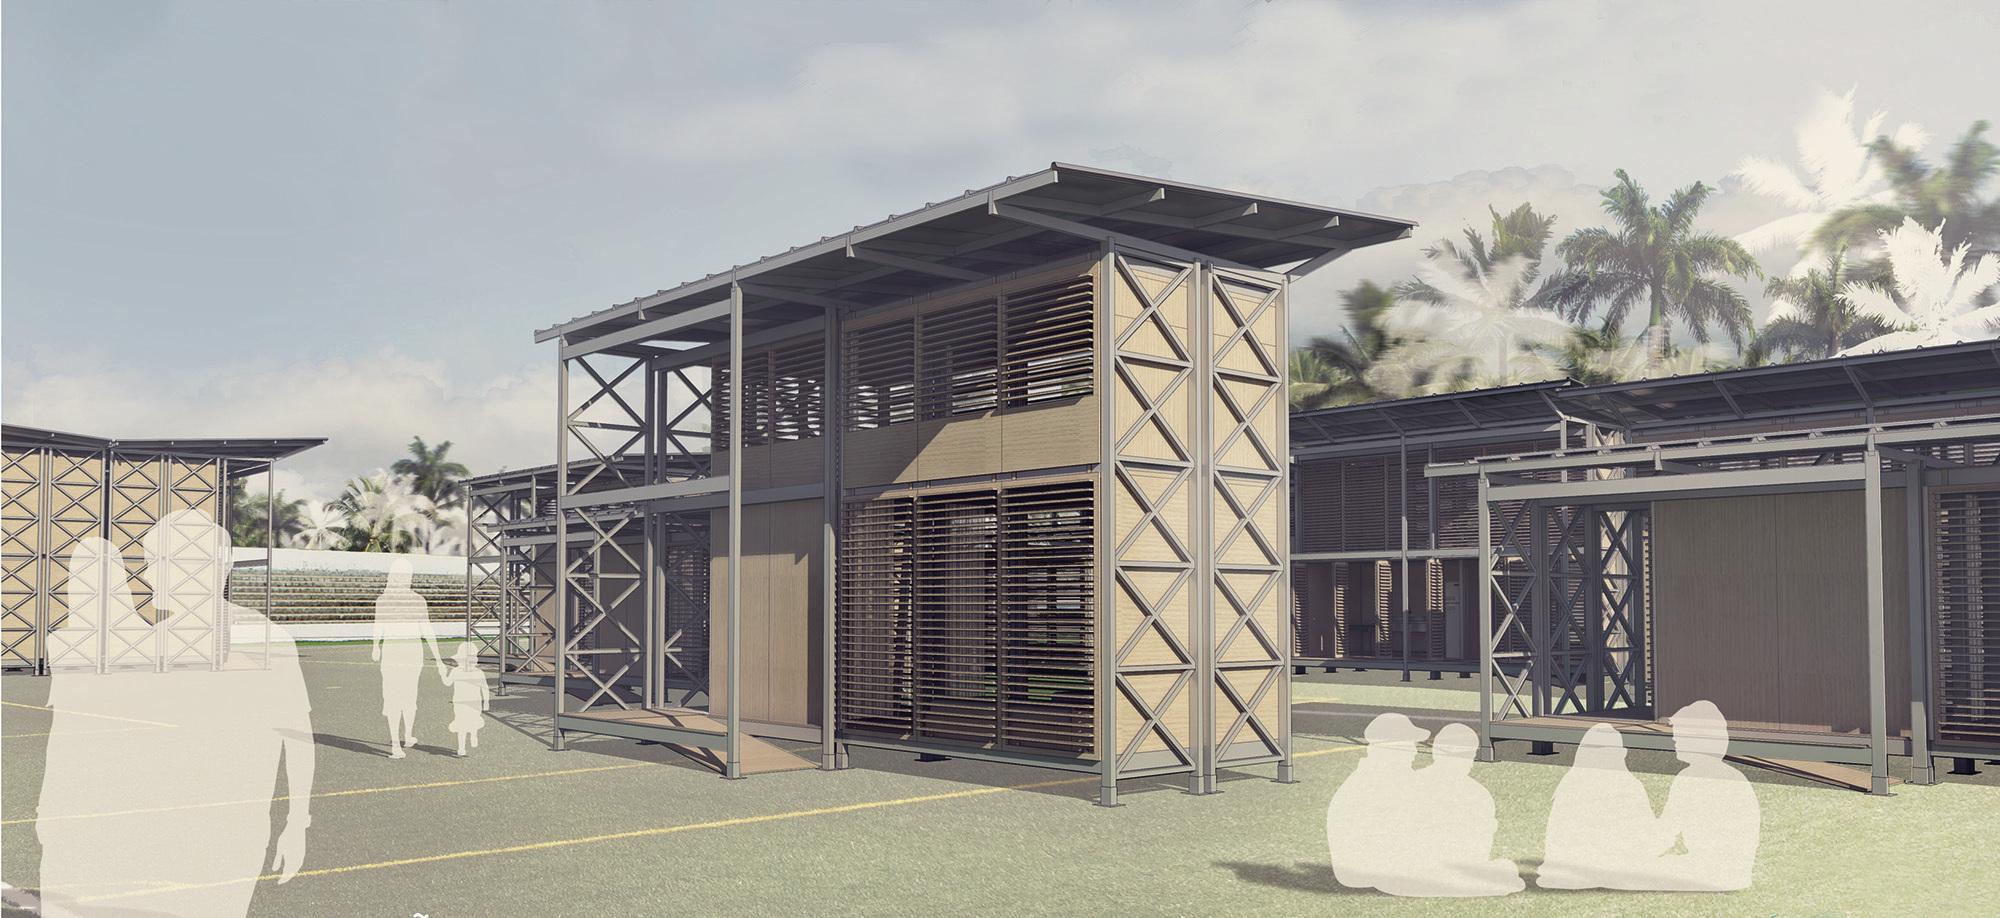 Resultados do concurso estudantil de arquitetura bioclimática da IX Bienal José Miguel Aroztegui / Abrigos de Emergência